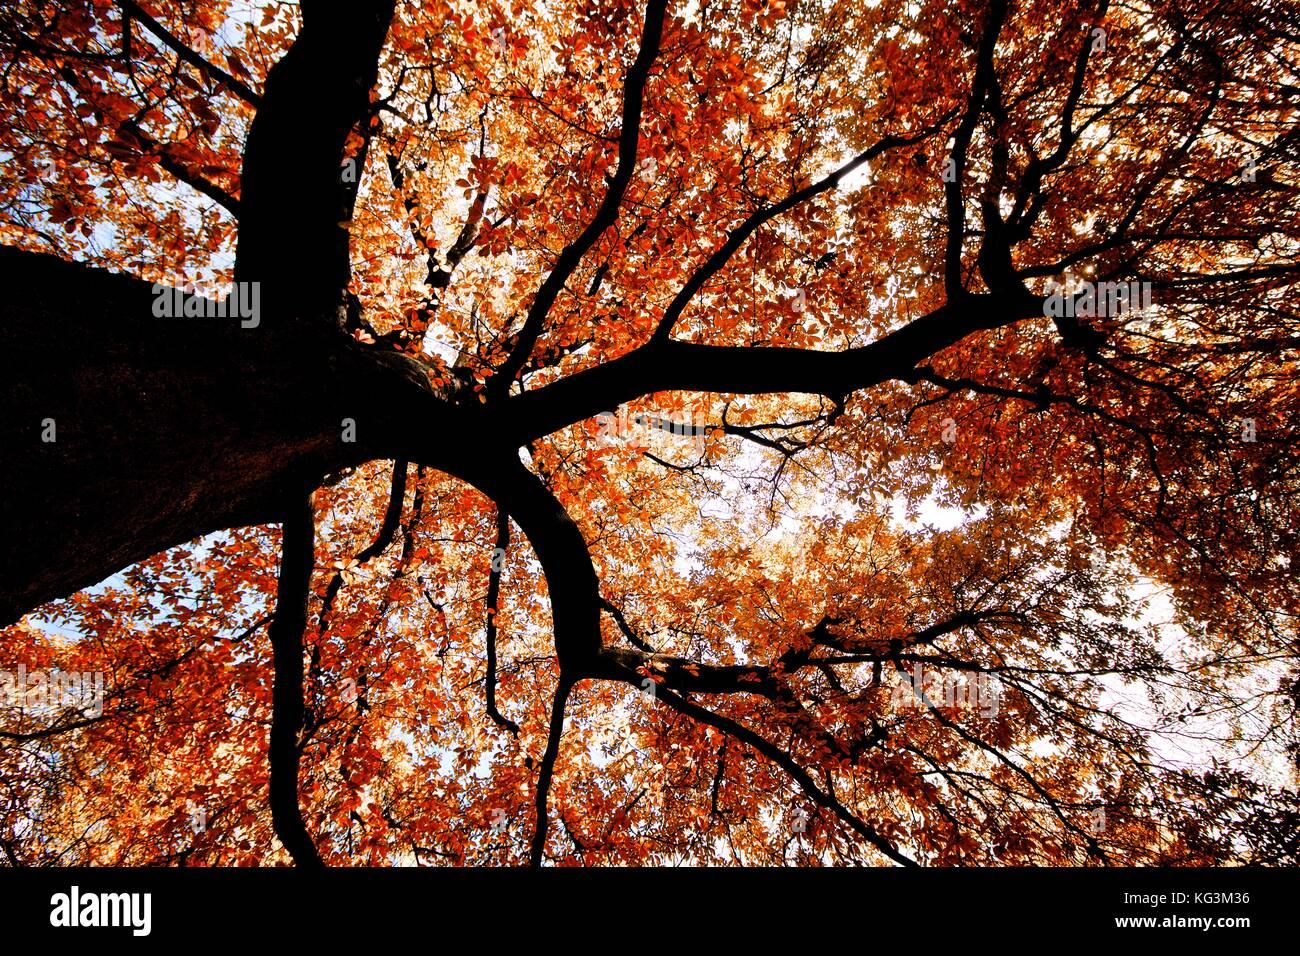 La Copa de uma árvore no inverno Immagini Stock